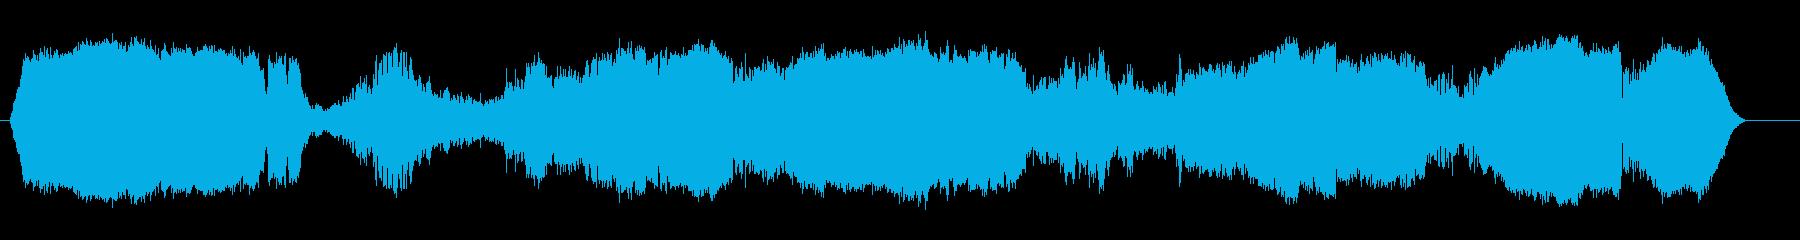 ゴーカート;人種/回転数の回転/ア...の再生済みの波形